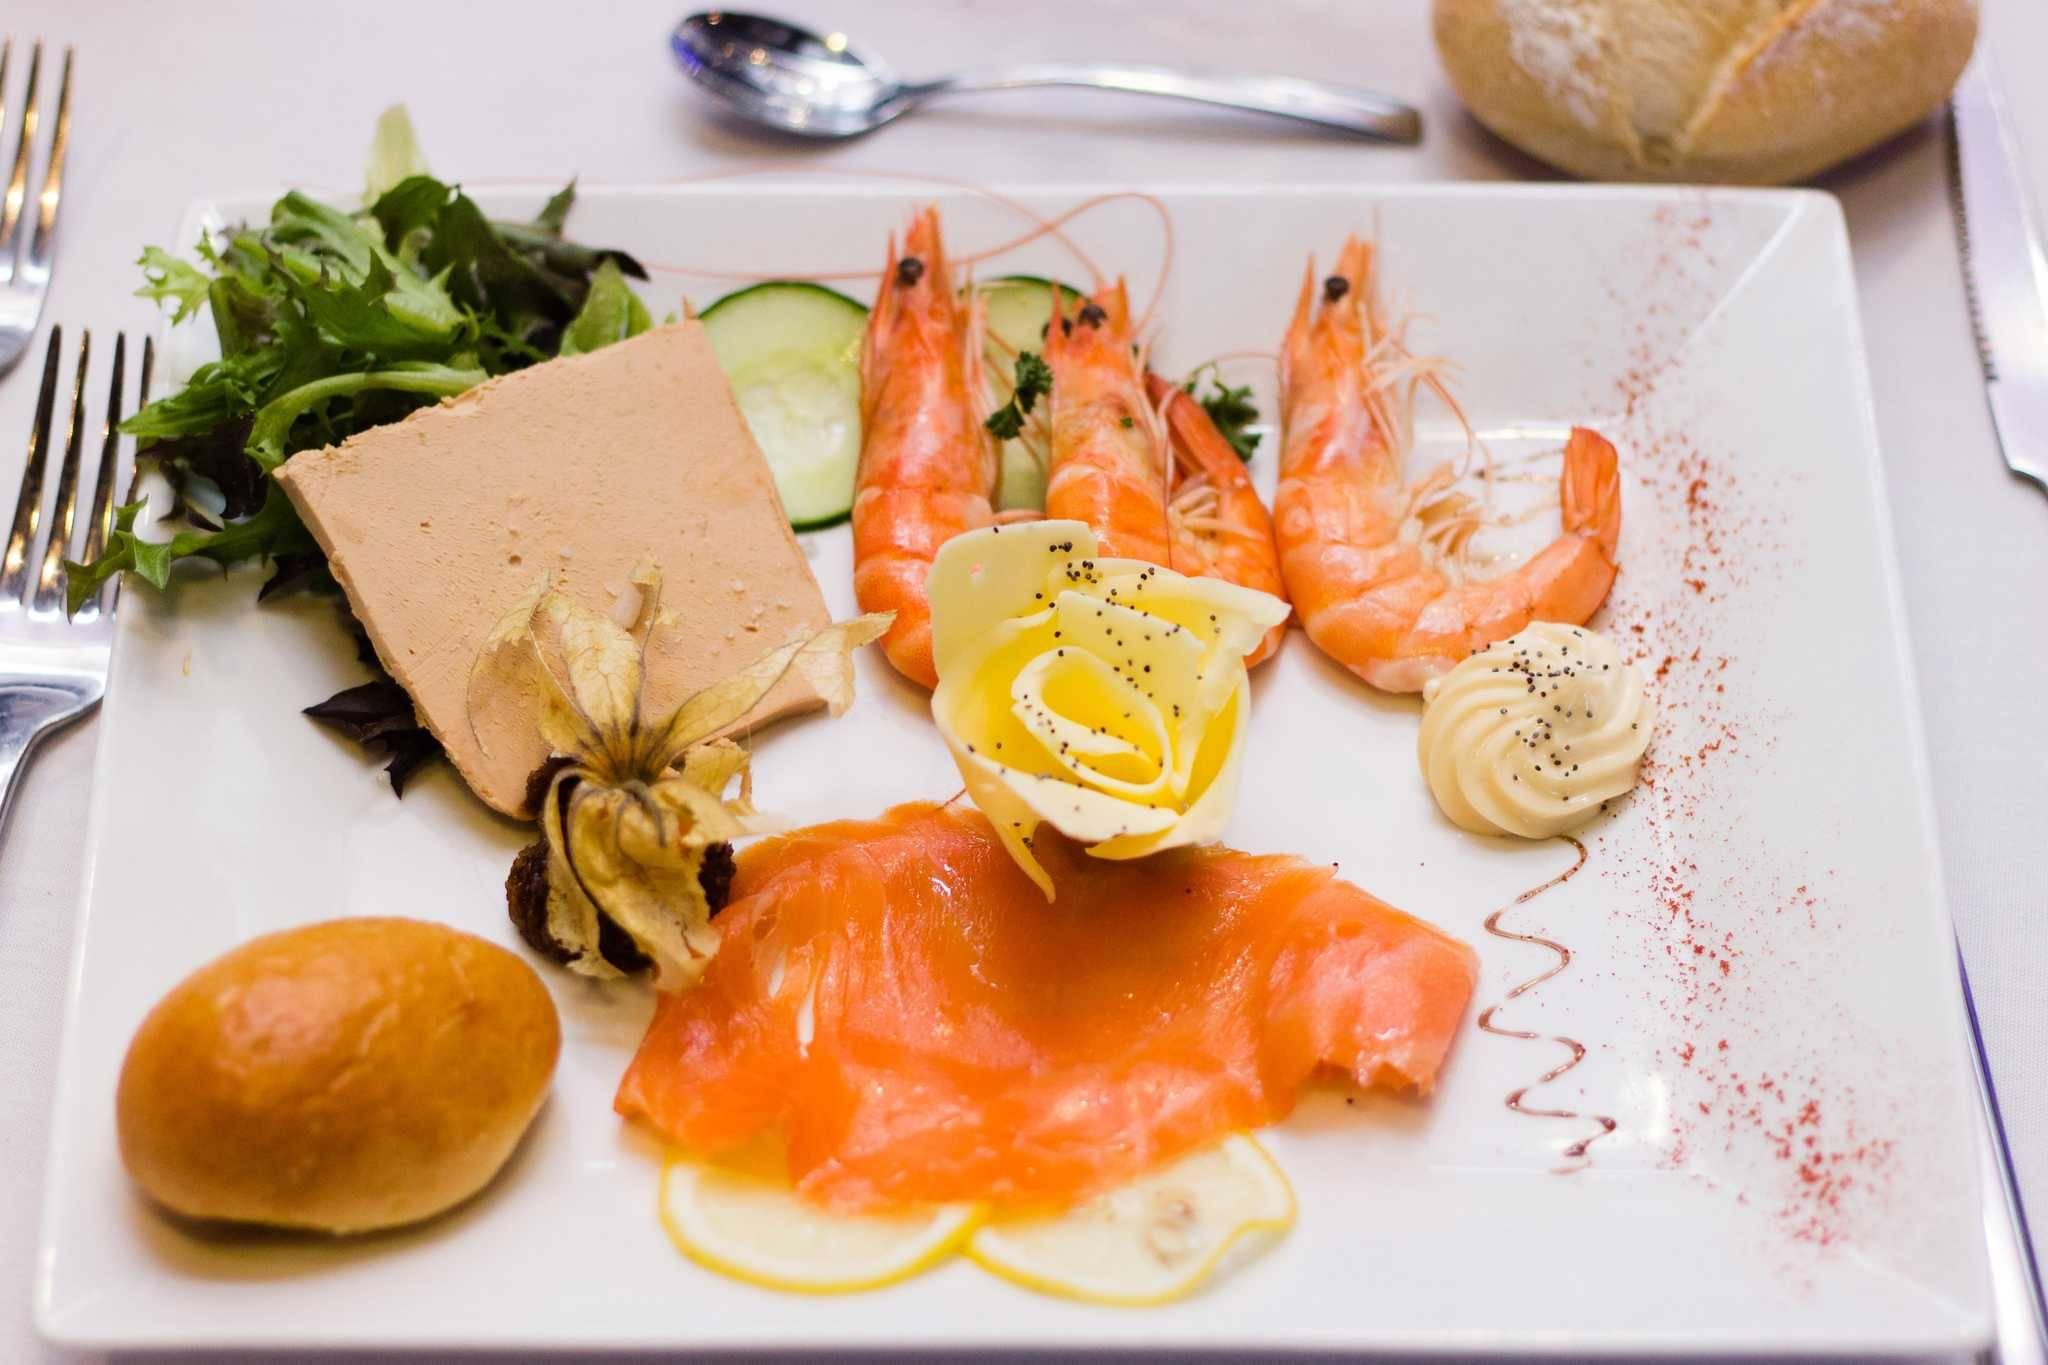 En entr e le chef vous propose cette assiette royale - Decoration assiette de foie gras photo ...